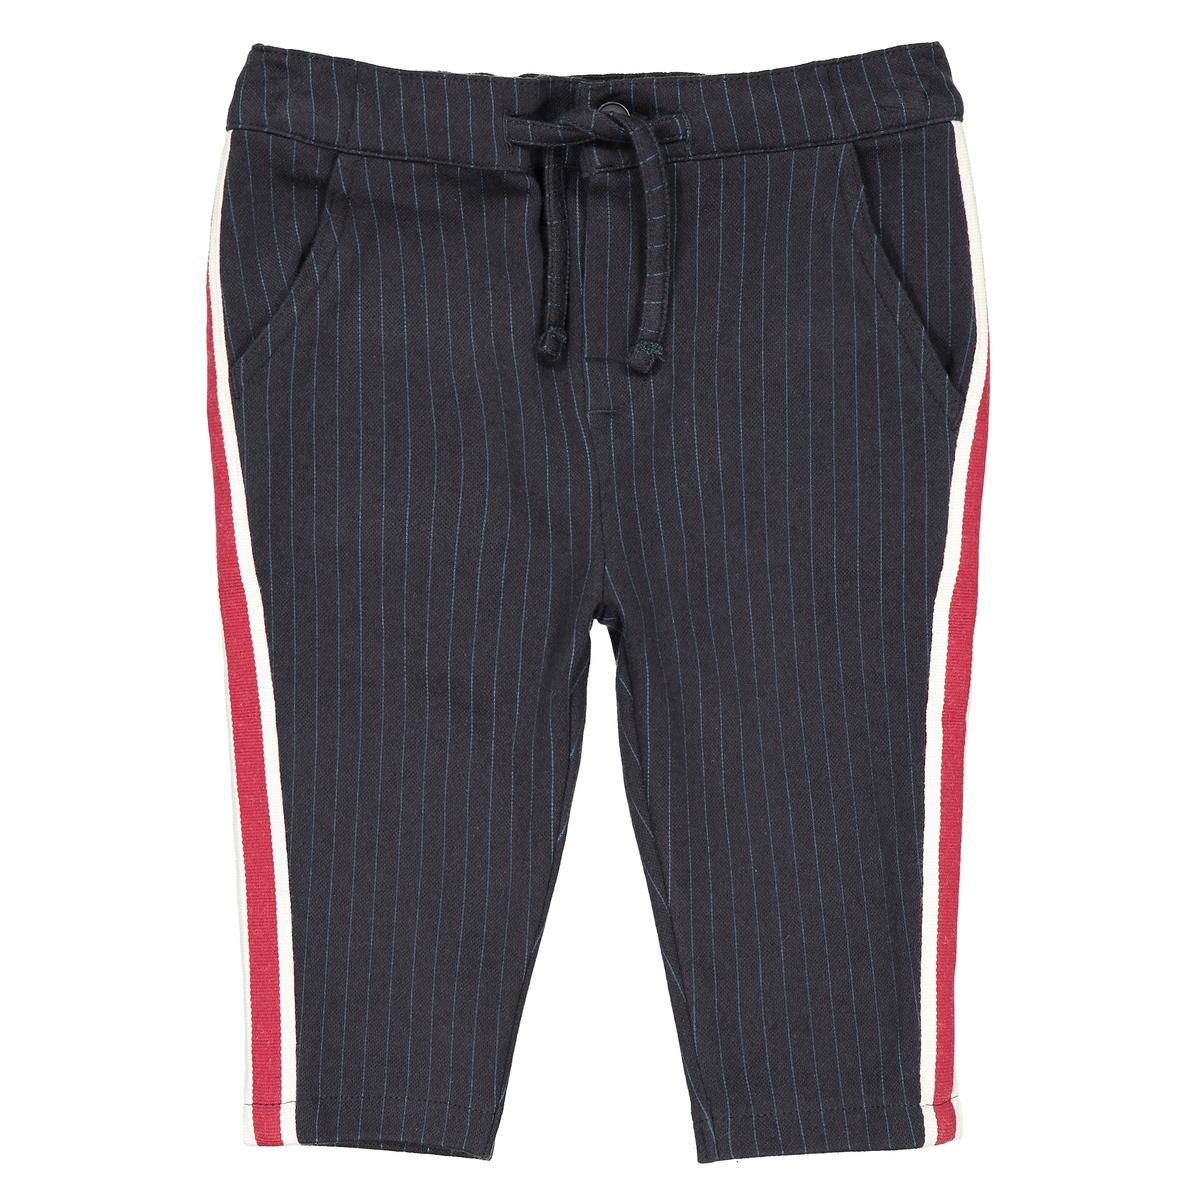 Брюки спортивные 1 мес -3 лет брюки спортивные lining 2014 aklj503 2 1